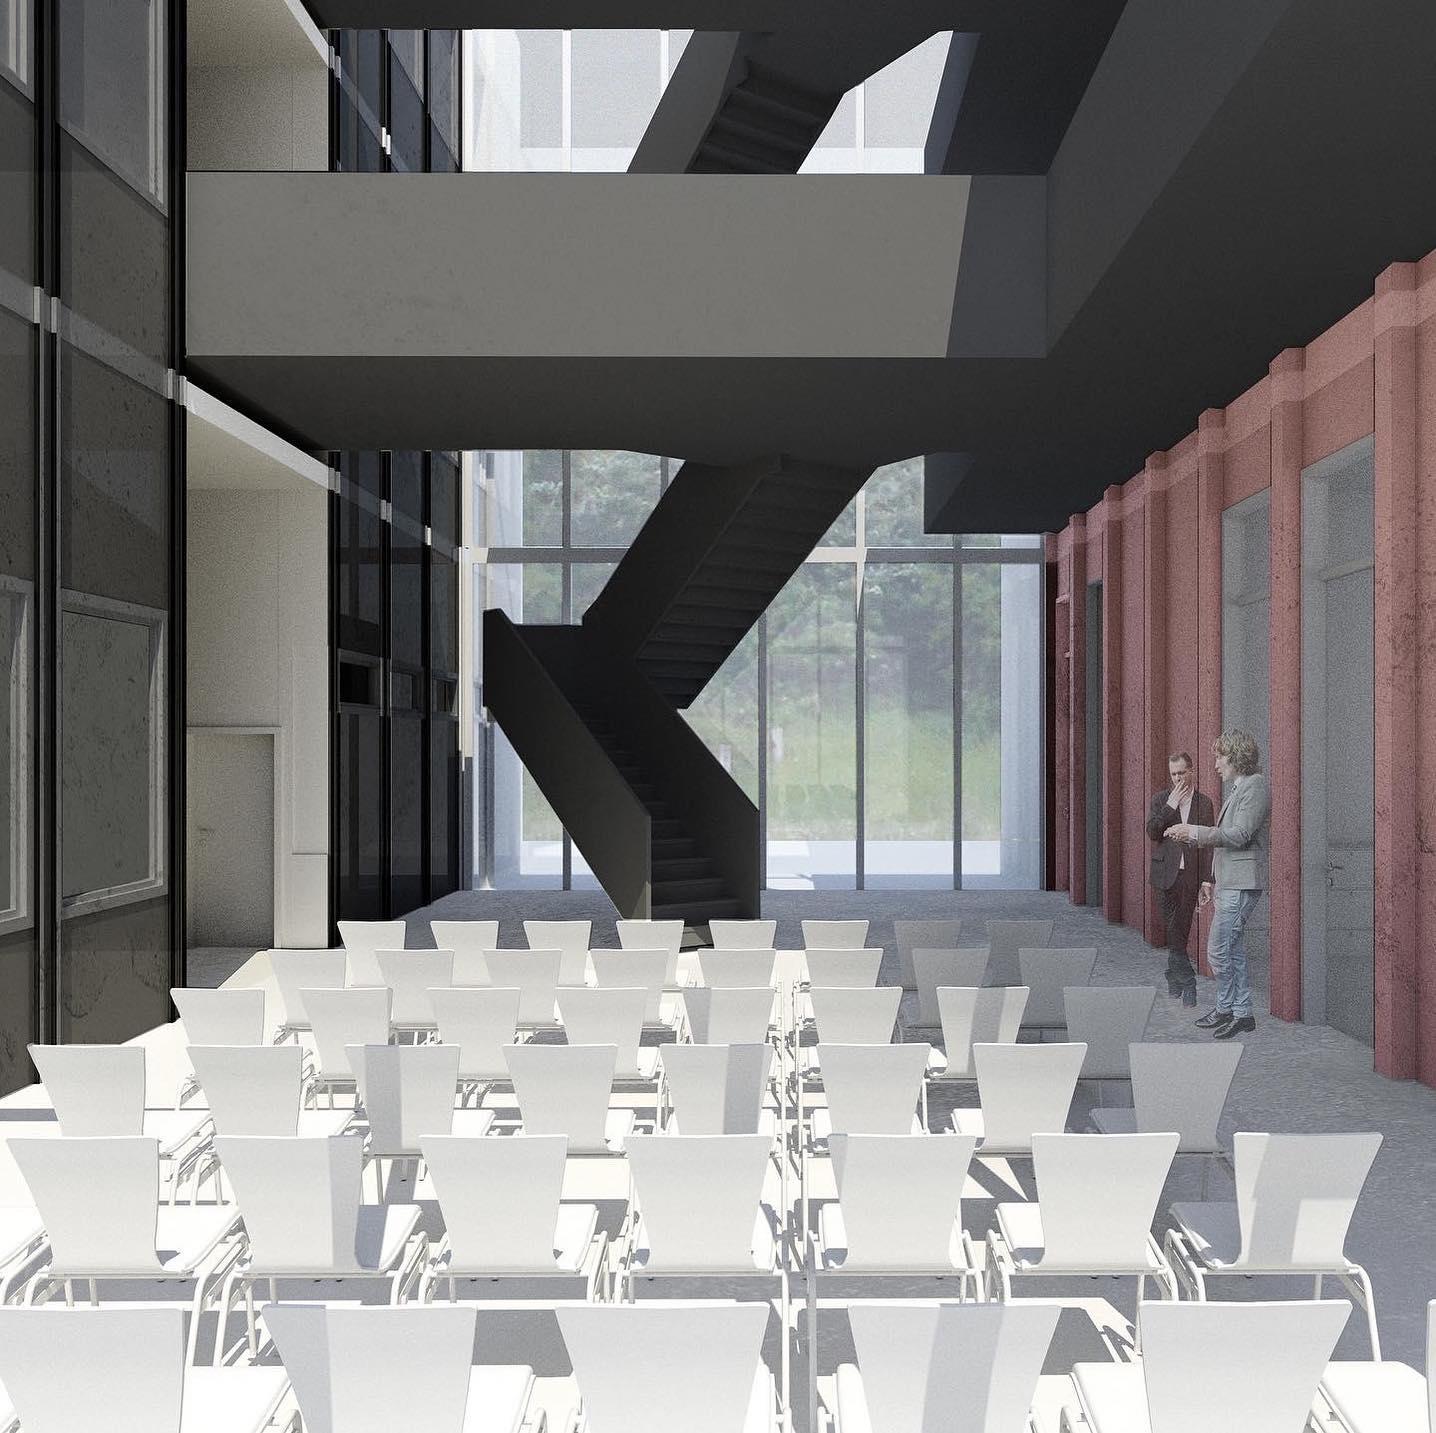 Über ein gläsernes Foyer verbinden wir das Bestandsgebäude mit der Erweiterung. Dabei entstehen Kommunikationsflächen und Raum für Veranstaltungen. Altes und Neues verbindet sich zu einer neuen Einheit. Der Außenraum wird zum Innenraum. #Verwaltungsgebäude